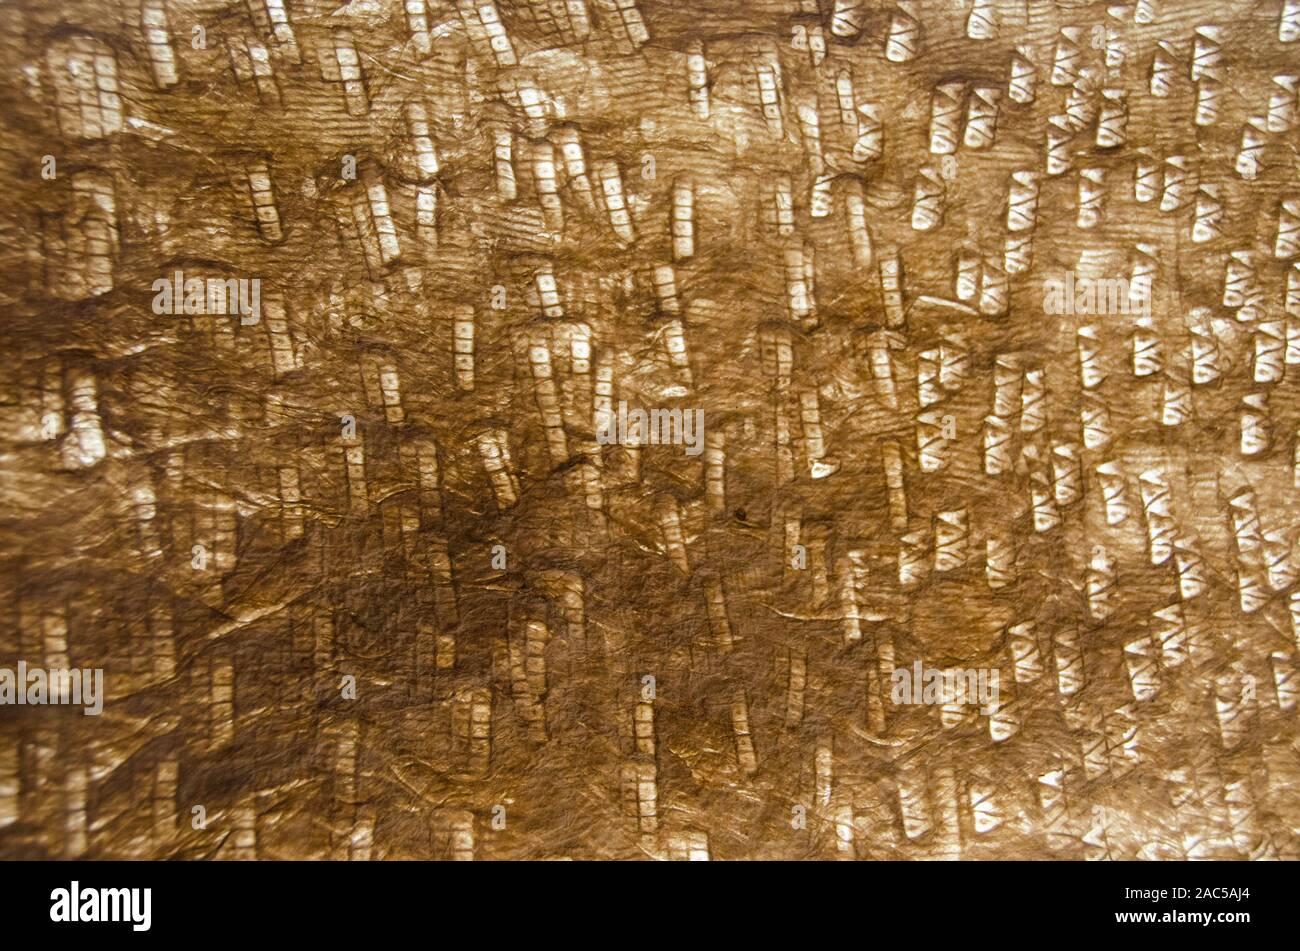 Une vue rapprochée de kapa (ou tapa) fait à partir de l'écorce de mûrier à papier par Roen Hufford, Big Island. Banque D'Images